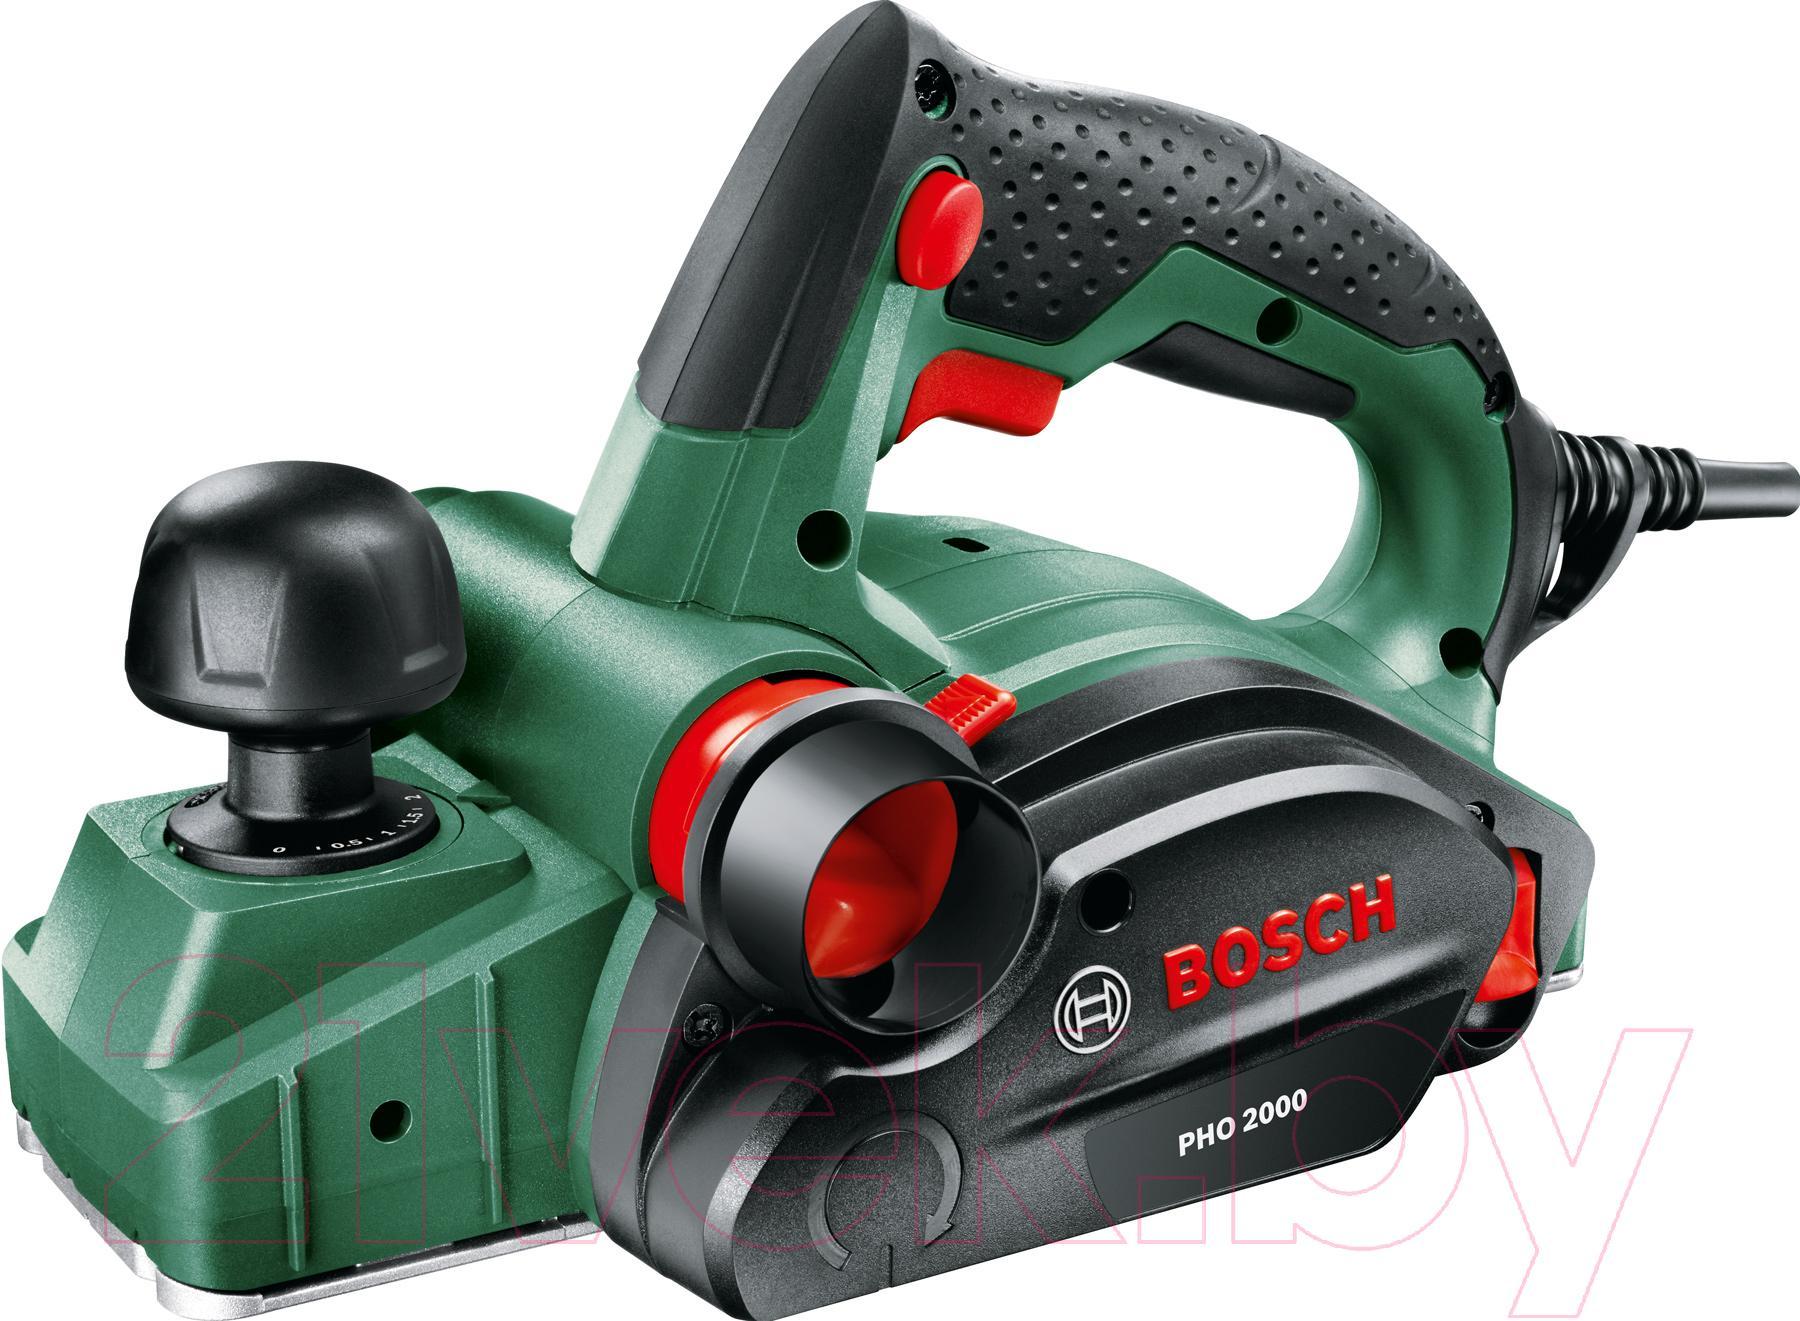 Купить Электрорубанок Bosch, PHO 2000 (0.603.2A4.120), Китай